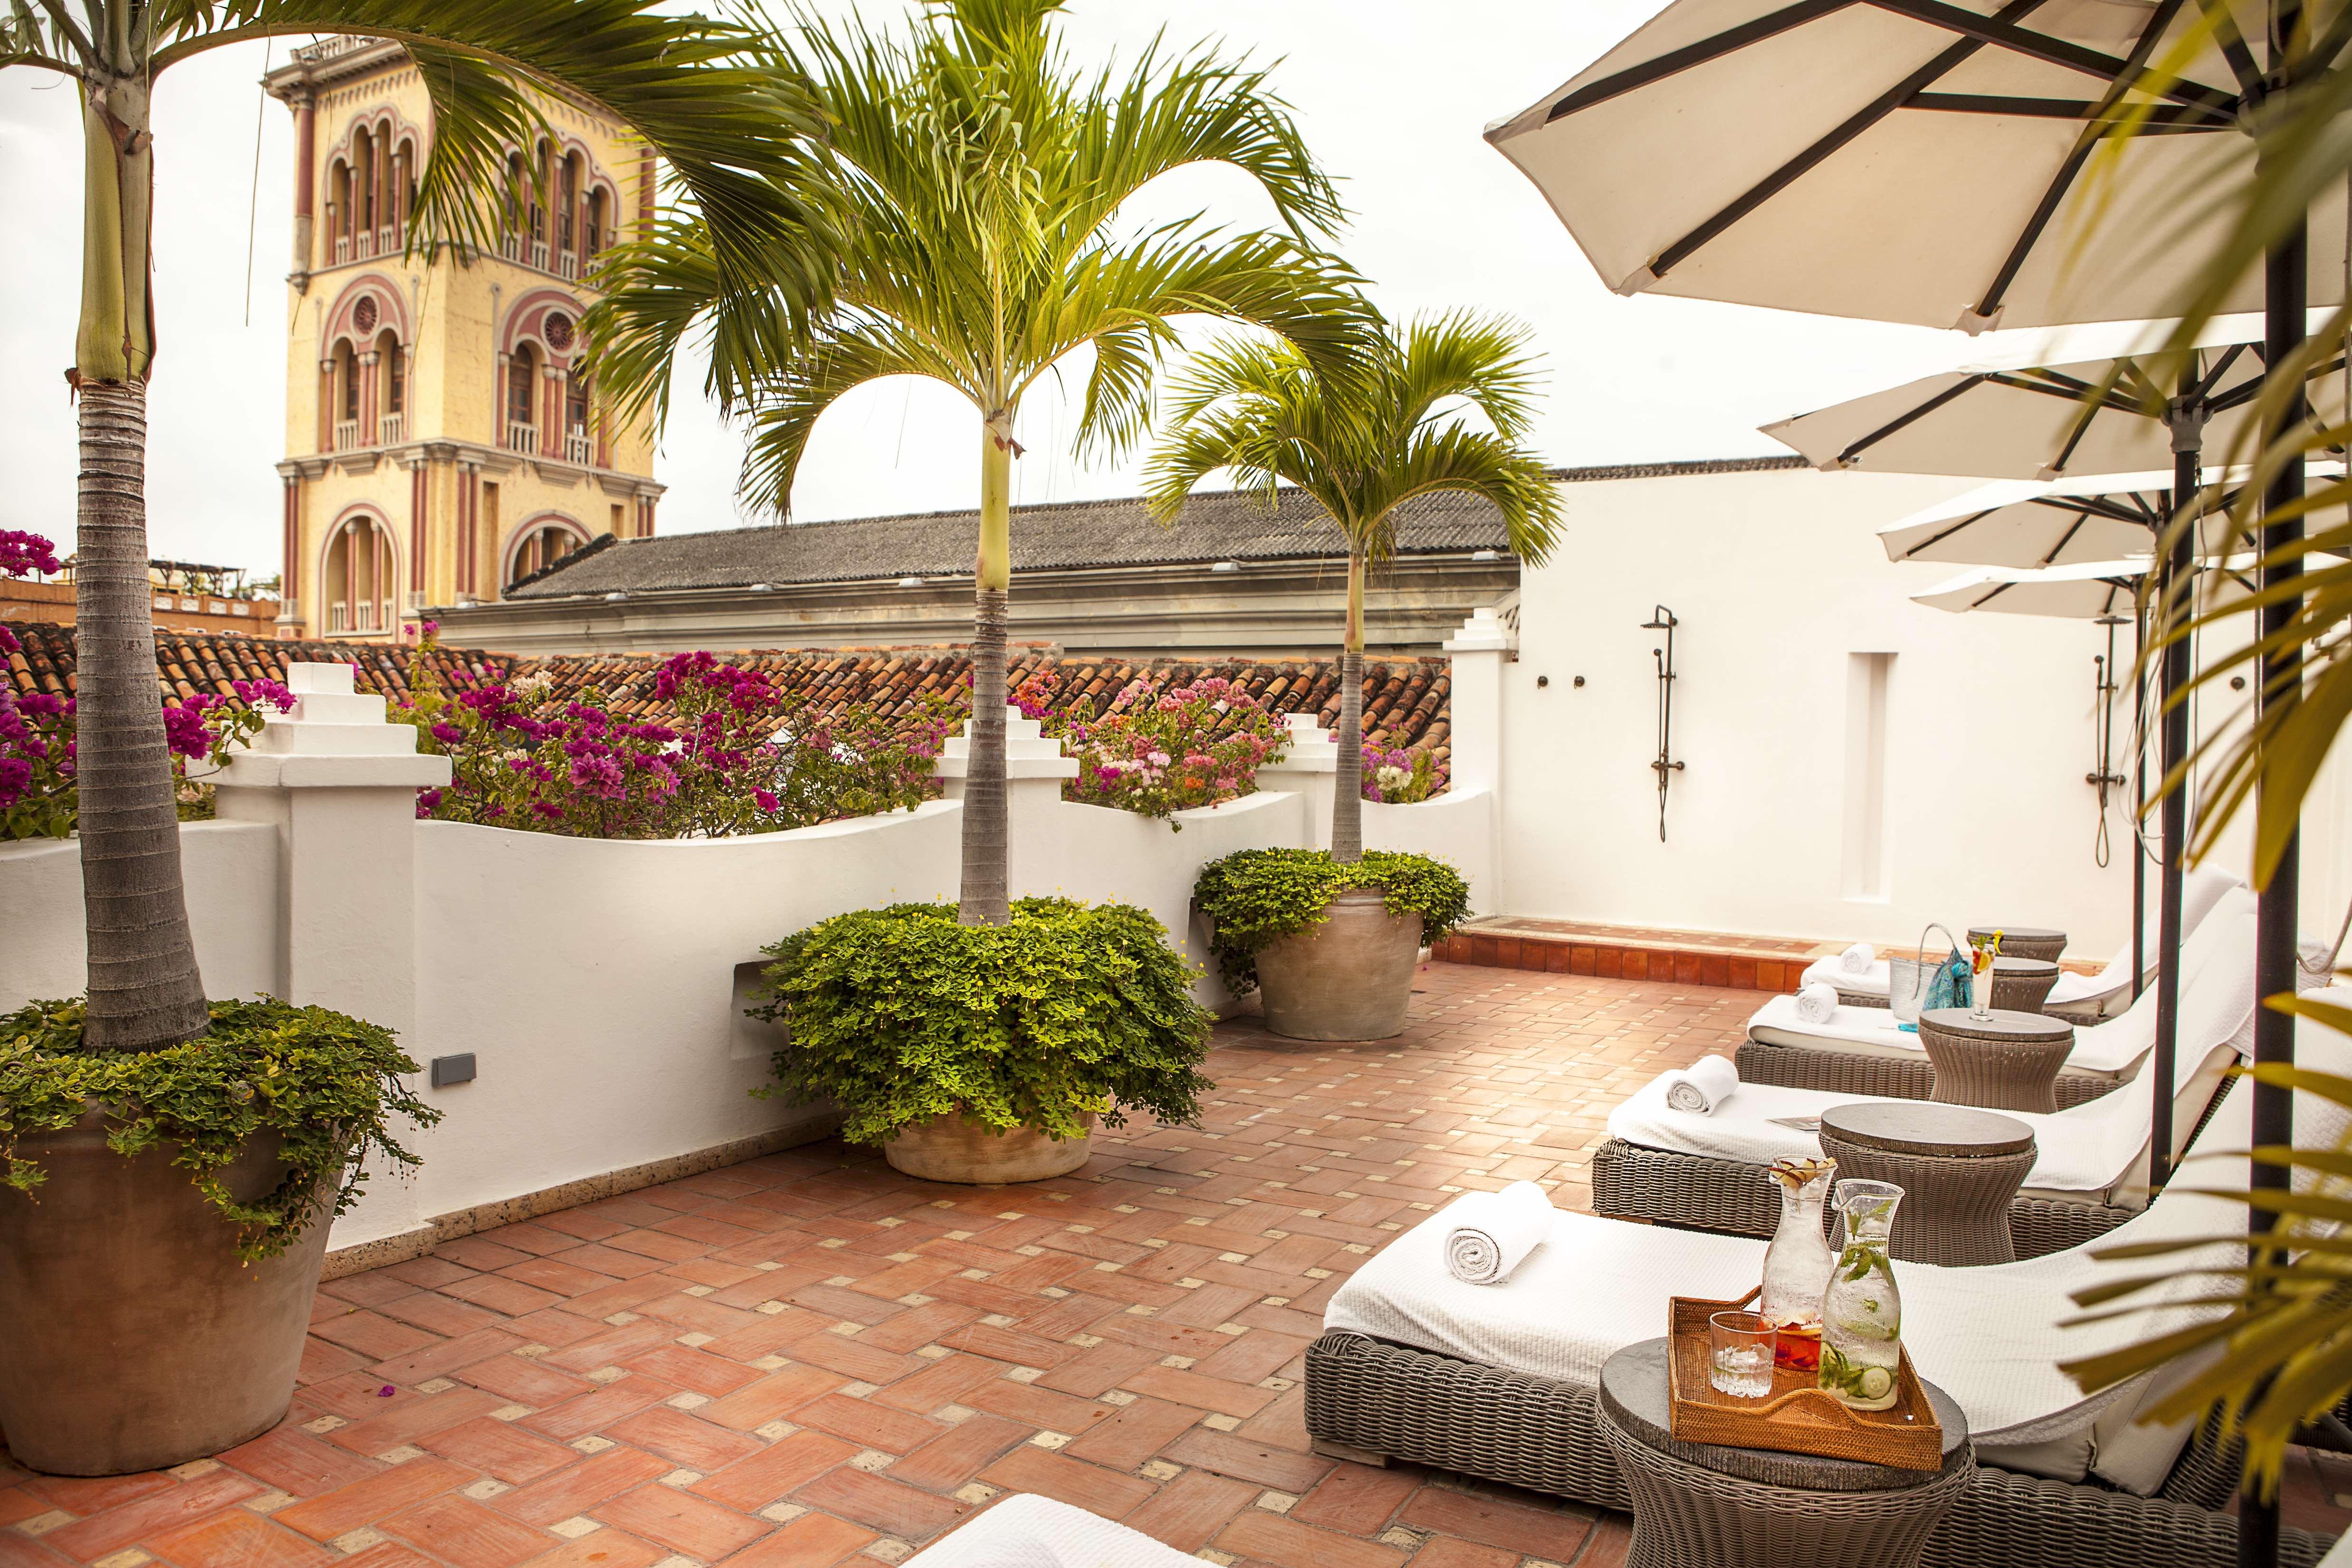 casa-san-agustin-roof-terrace